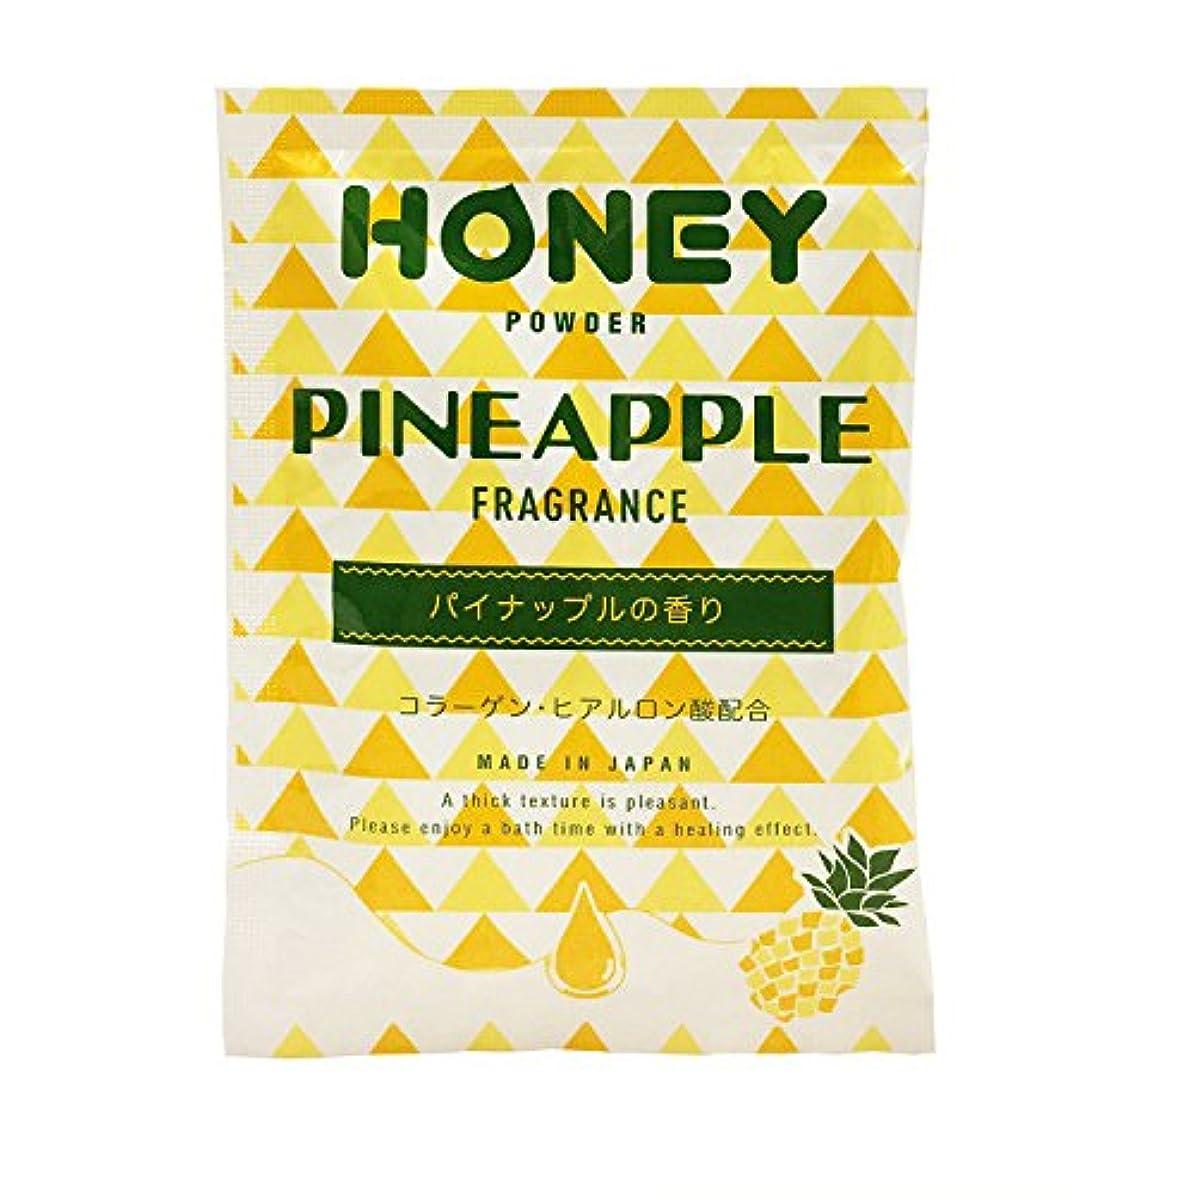 どっちアラバマ嘆願とろとろ入浴剤【honey powder】(ハニーパウダー) パイナップルの香り 粉末タイプ ローション